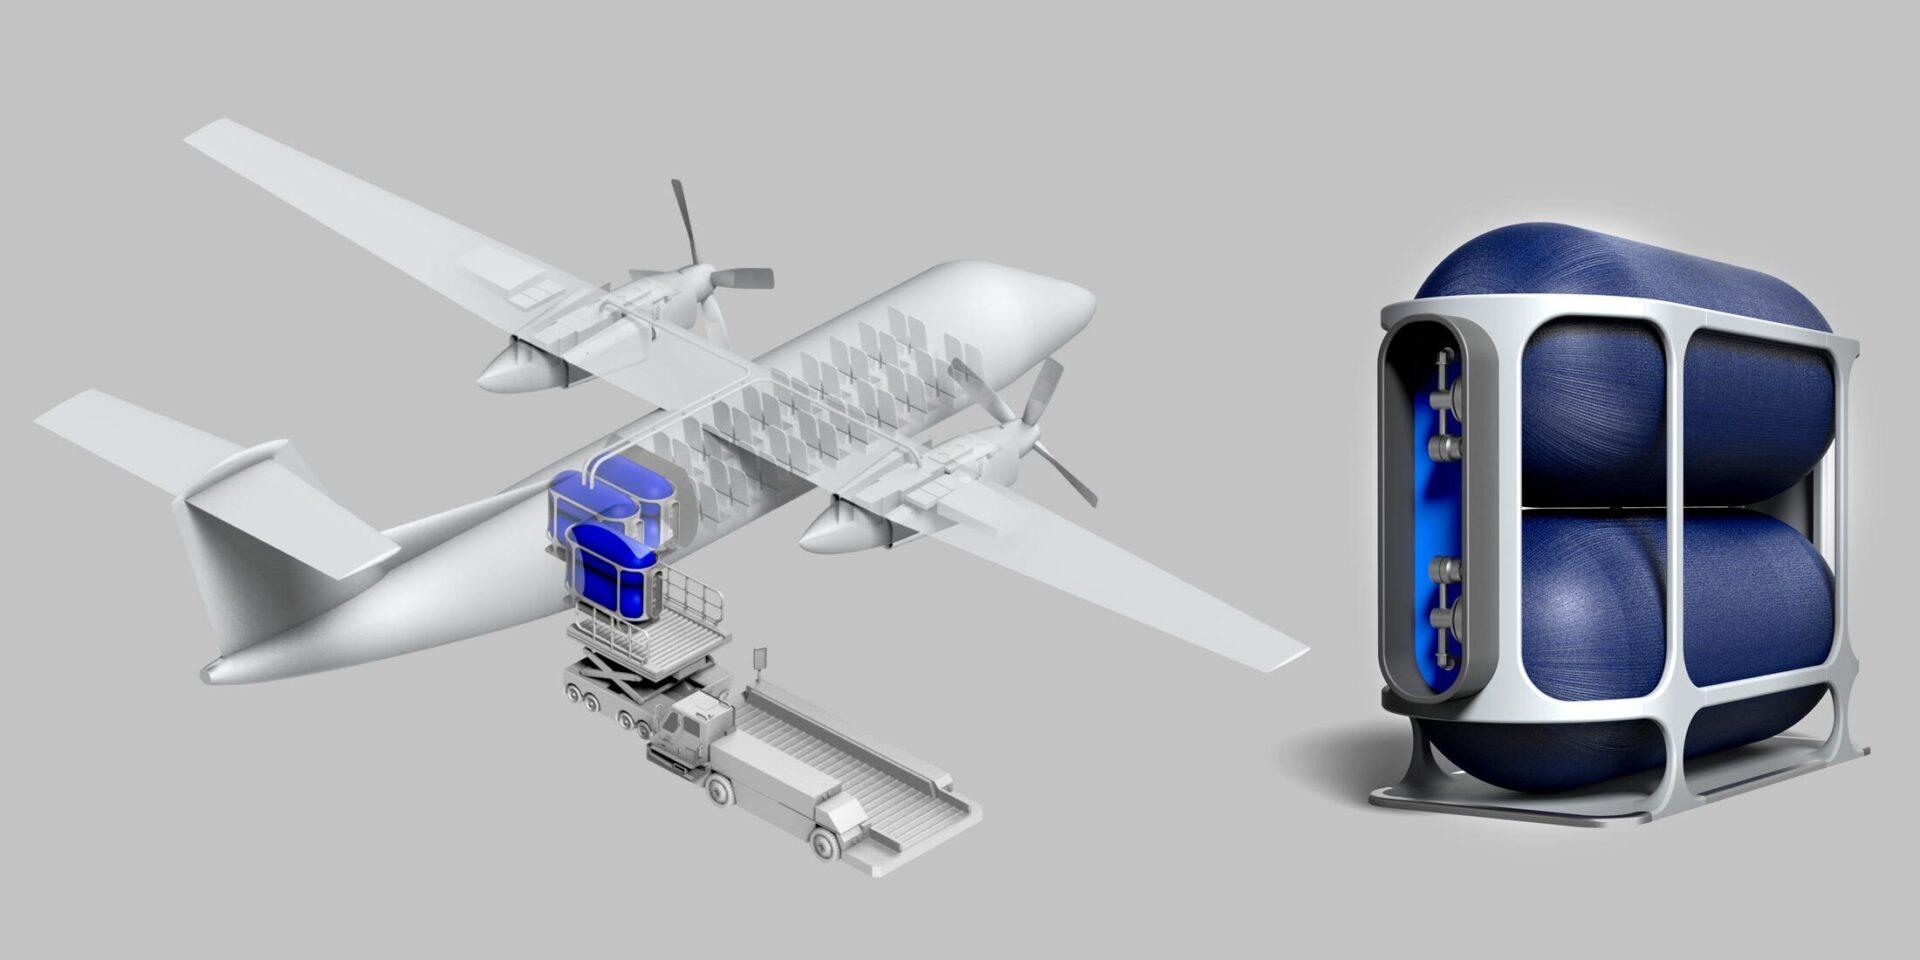 Ηydrogen Airplanes